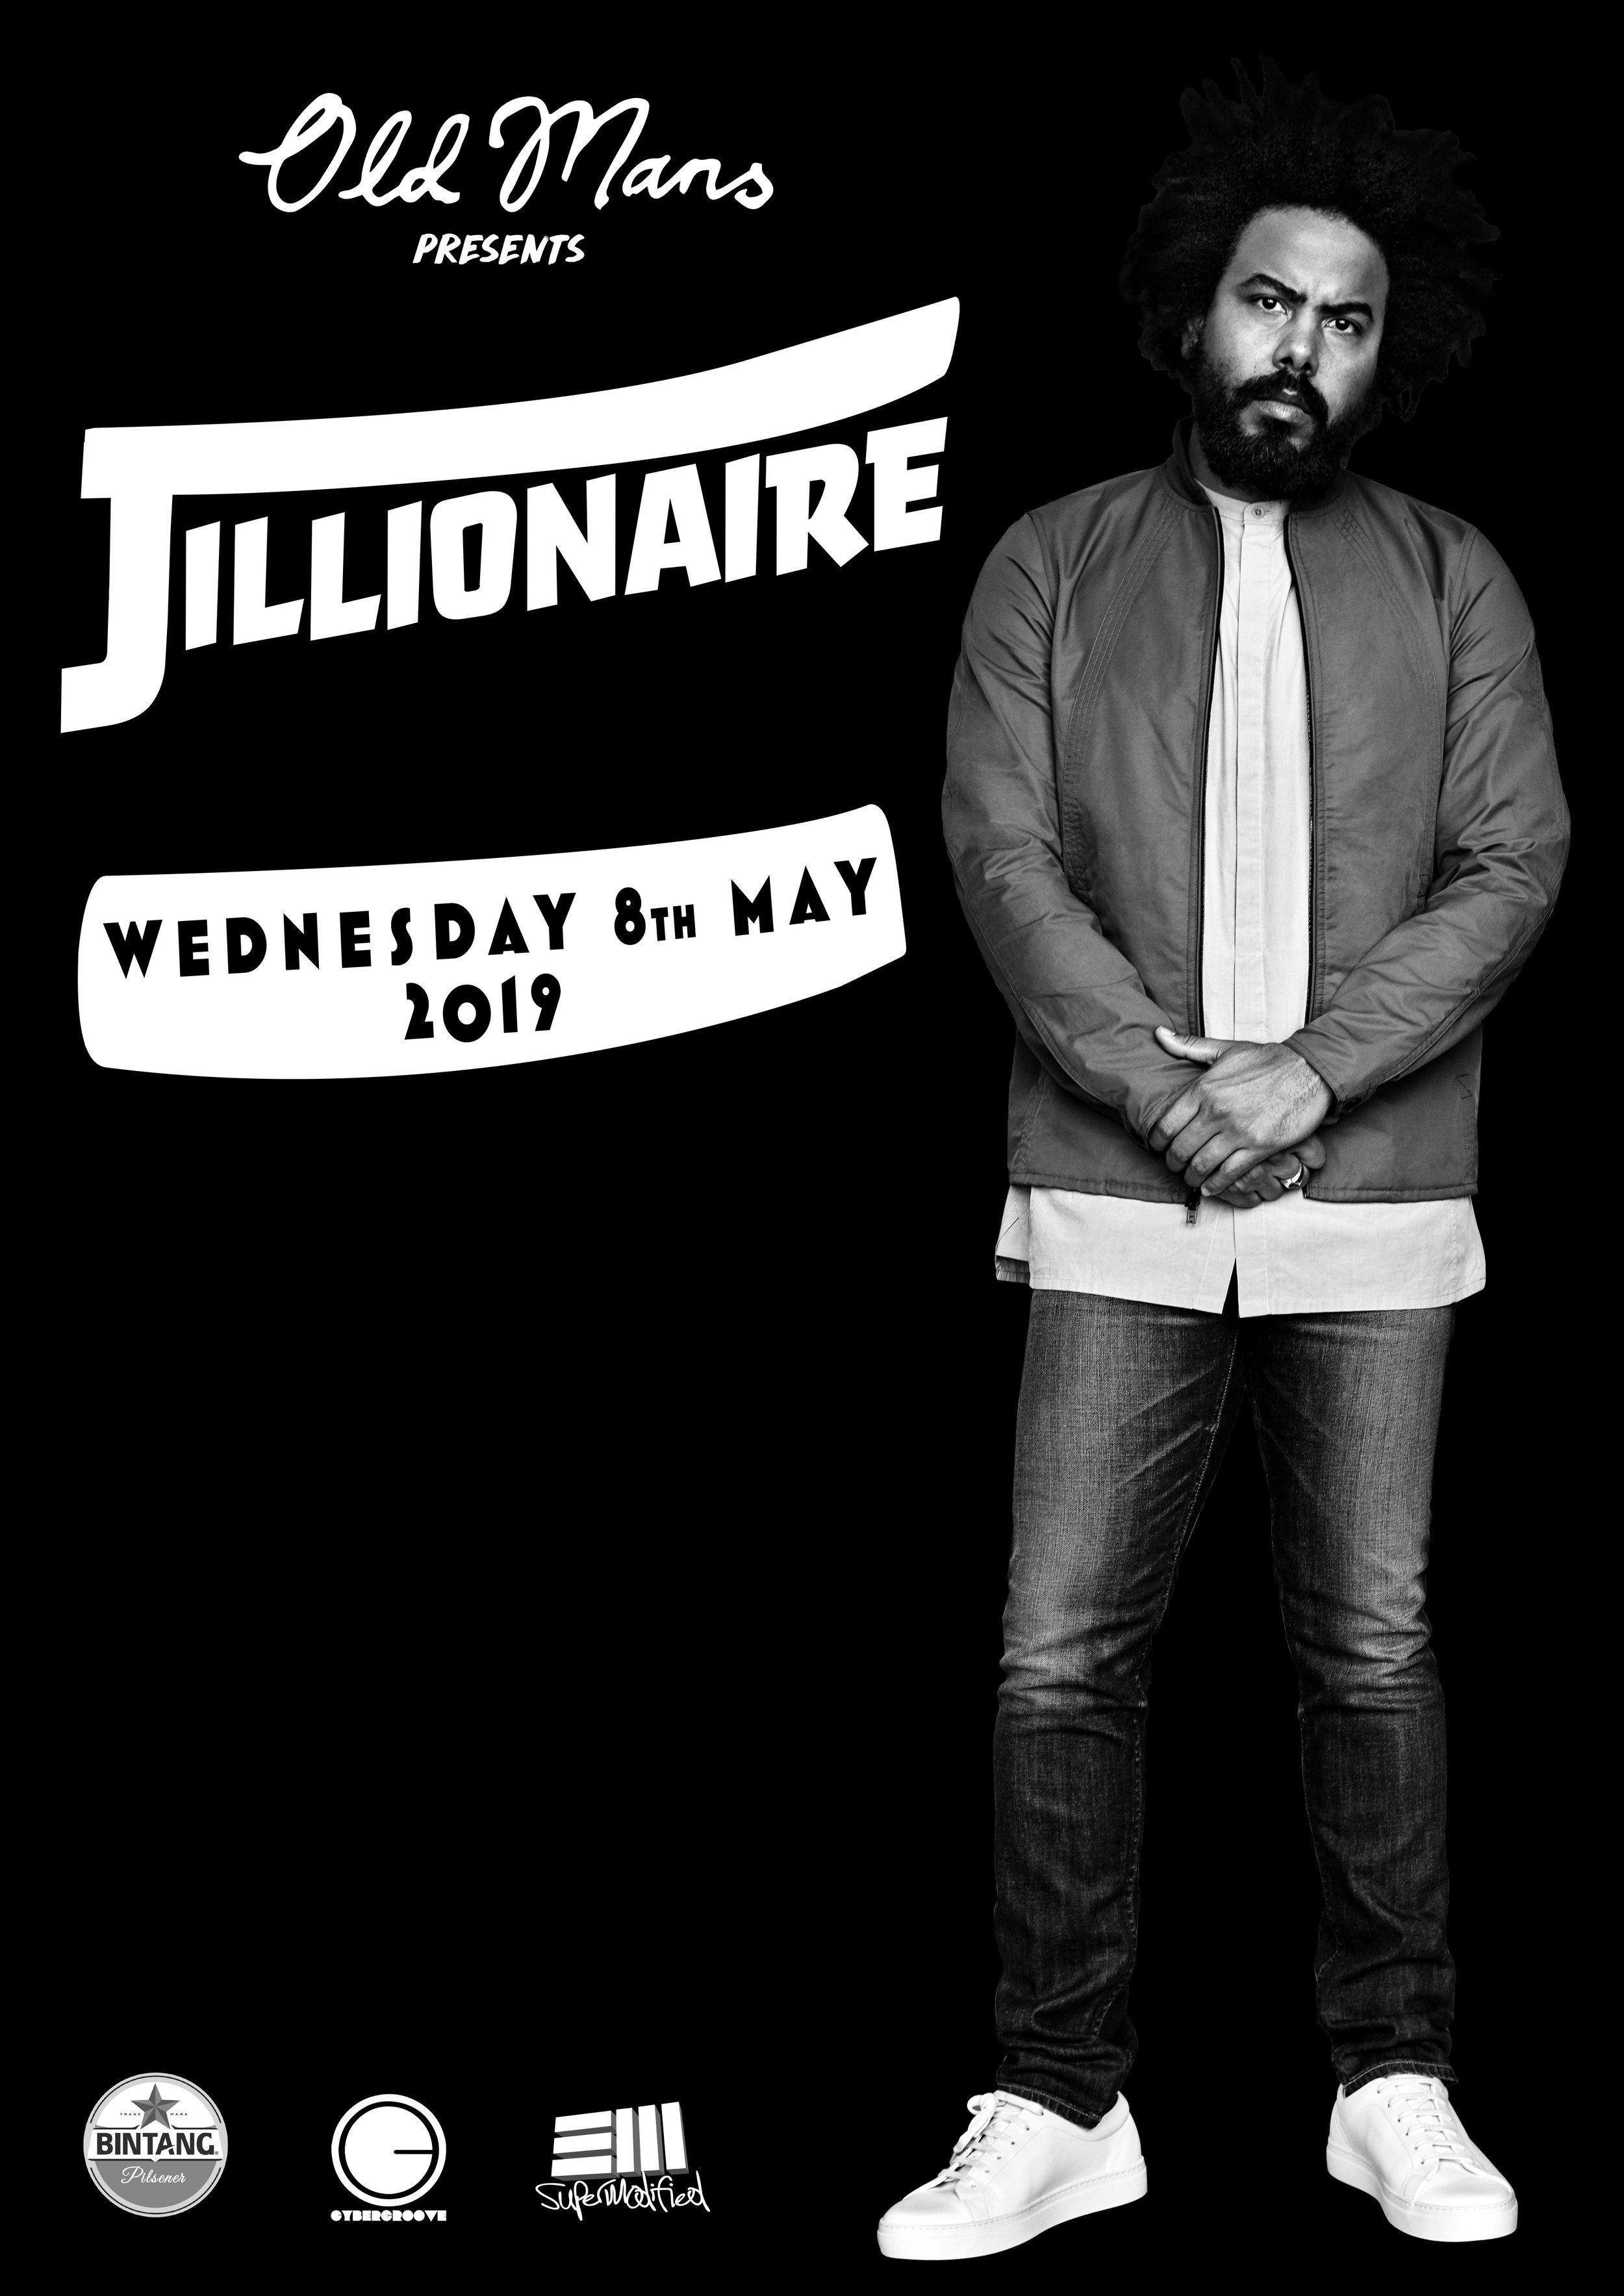 Jillionaire-Poster1.jpg